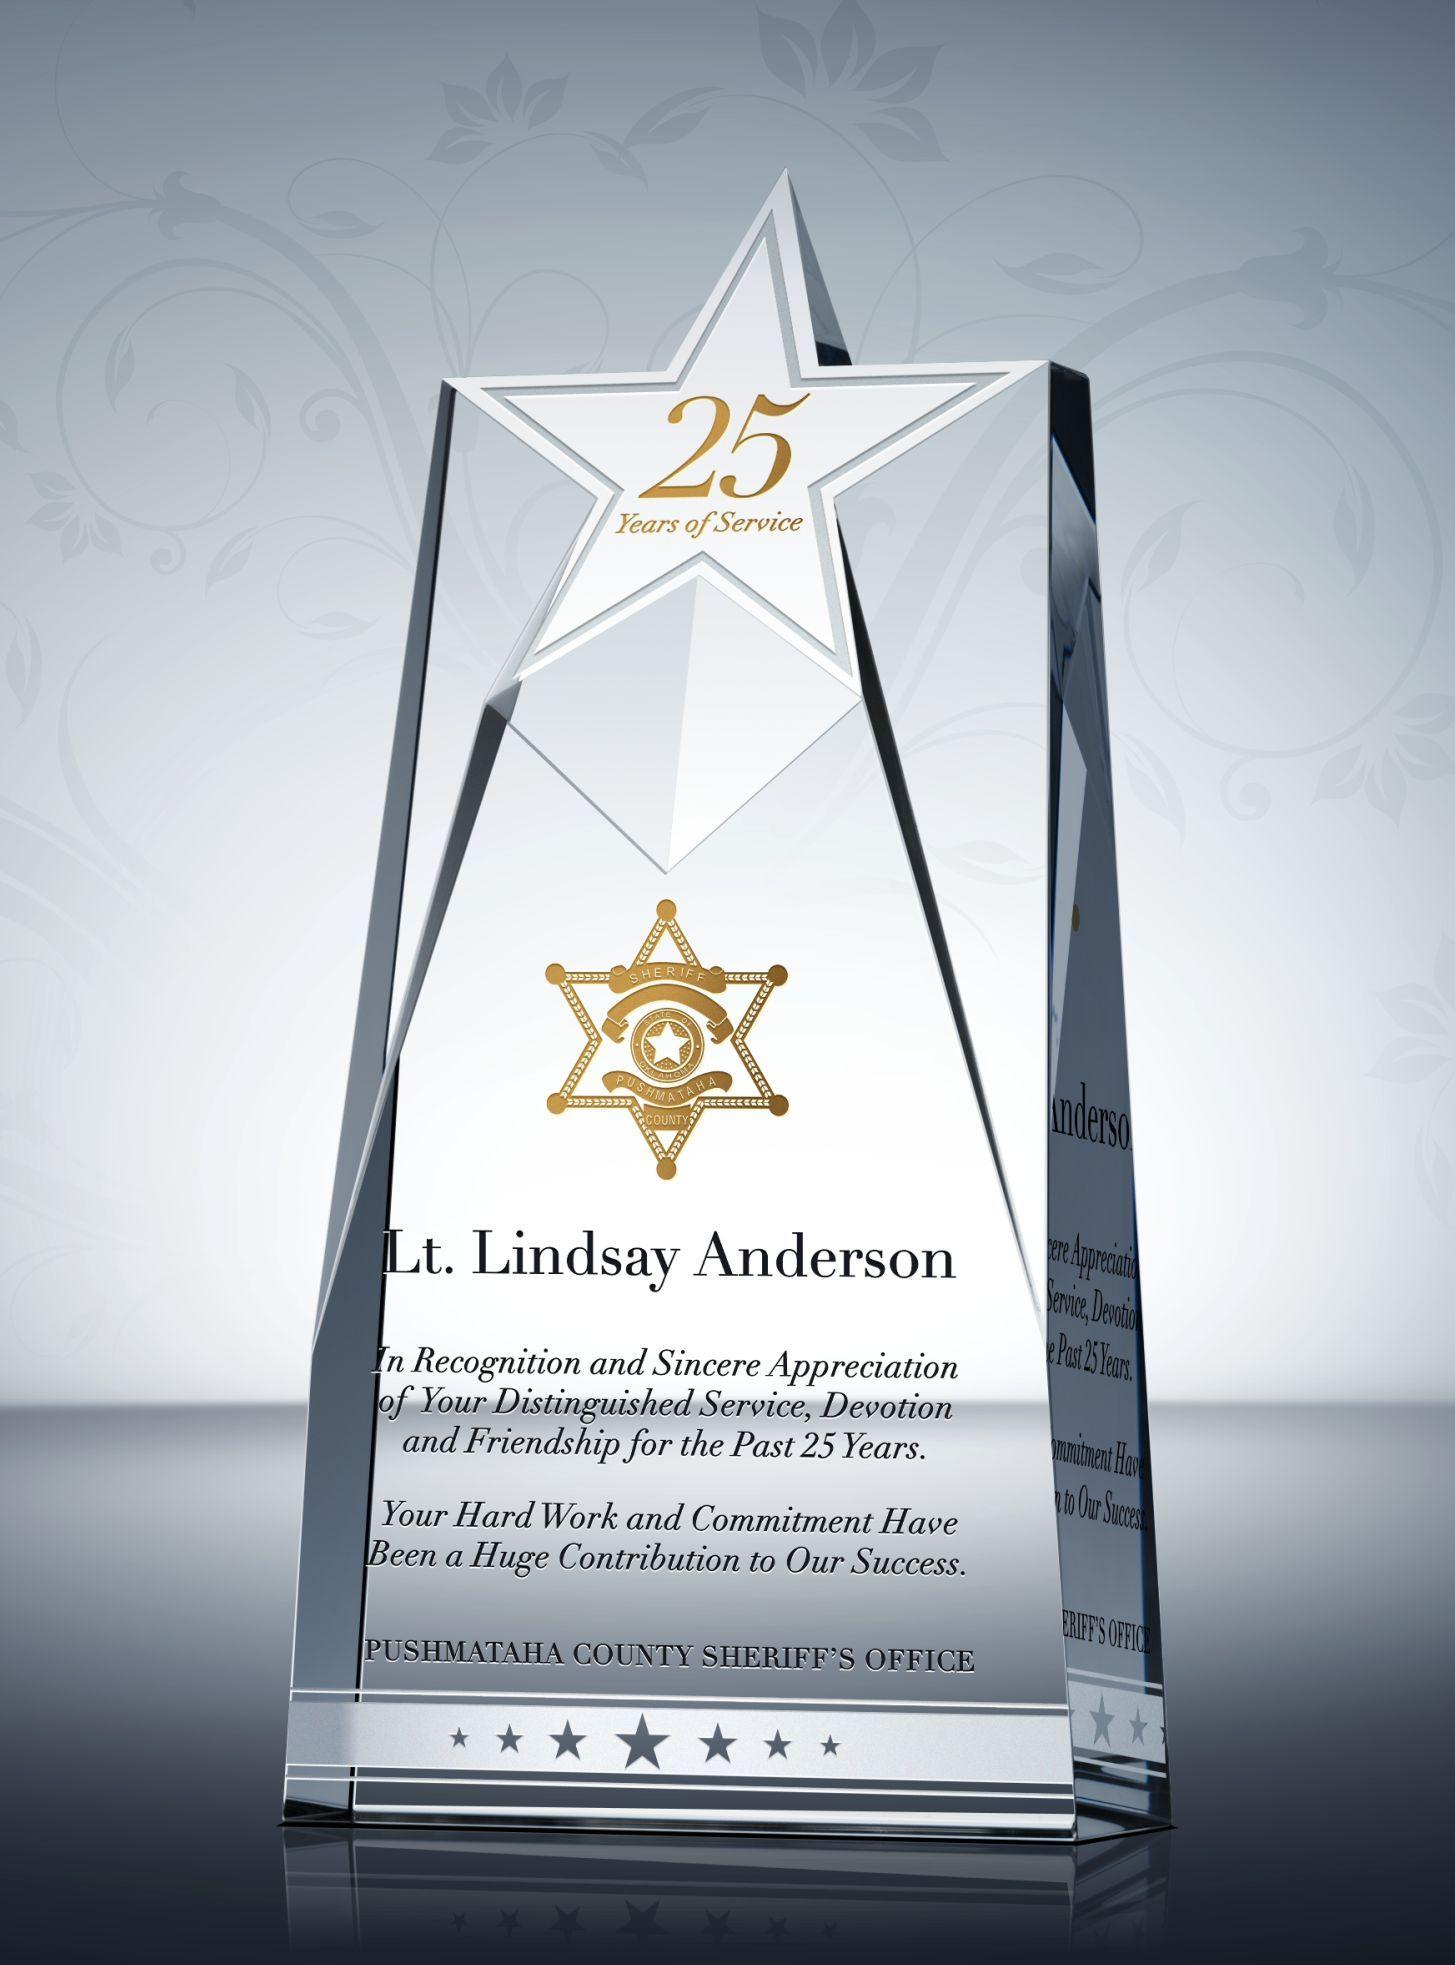 Unique Police Service Awards And Appreciation Quotes Service Awards Award Plaques Police